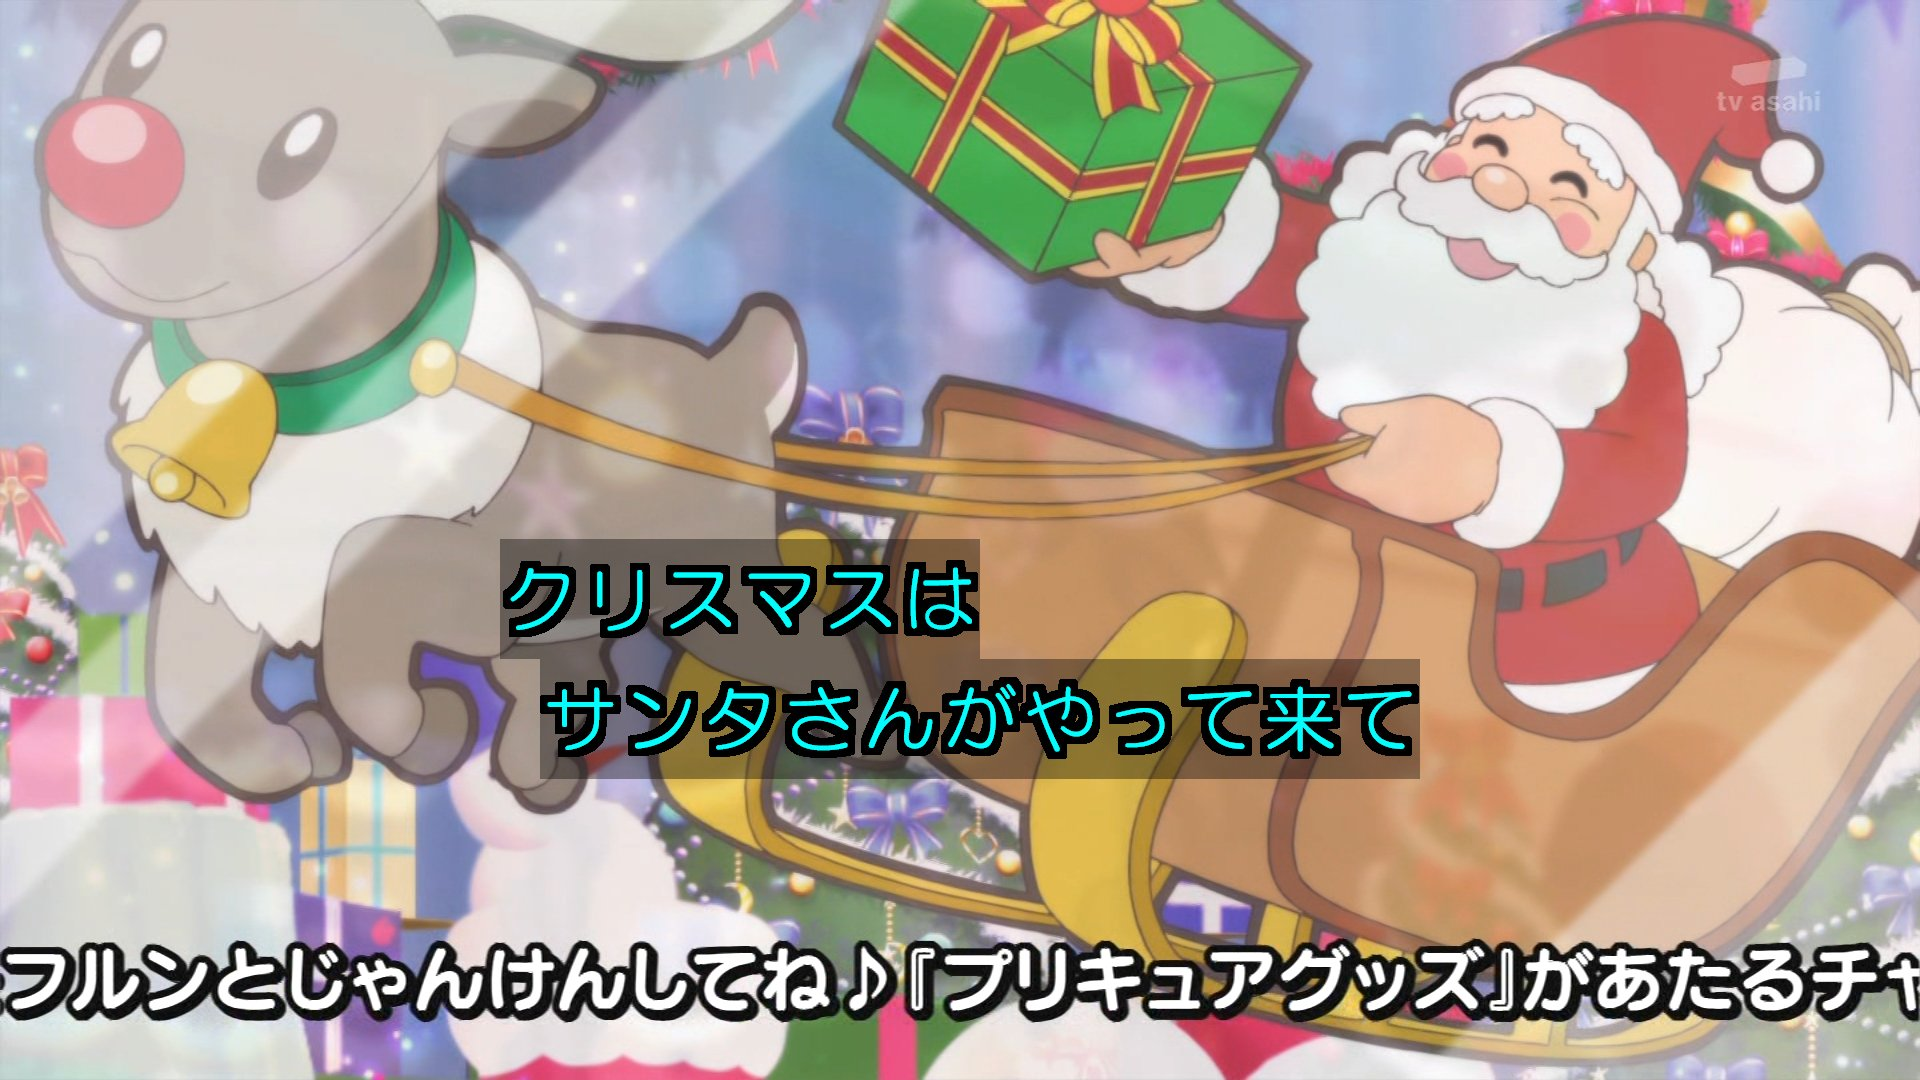 クリスマス感 #precure #nitiasa #nichiasa #tvasahi https://t.co/oiGidv7eWp